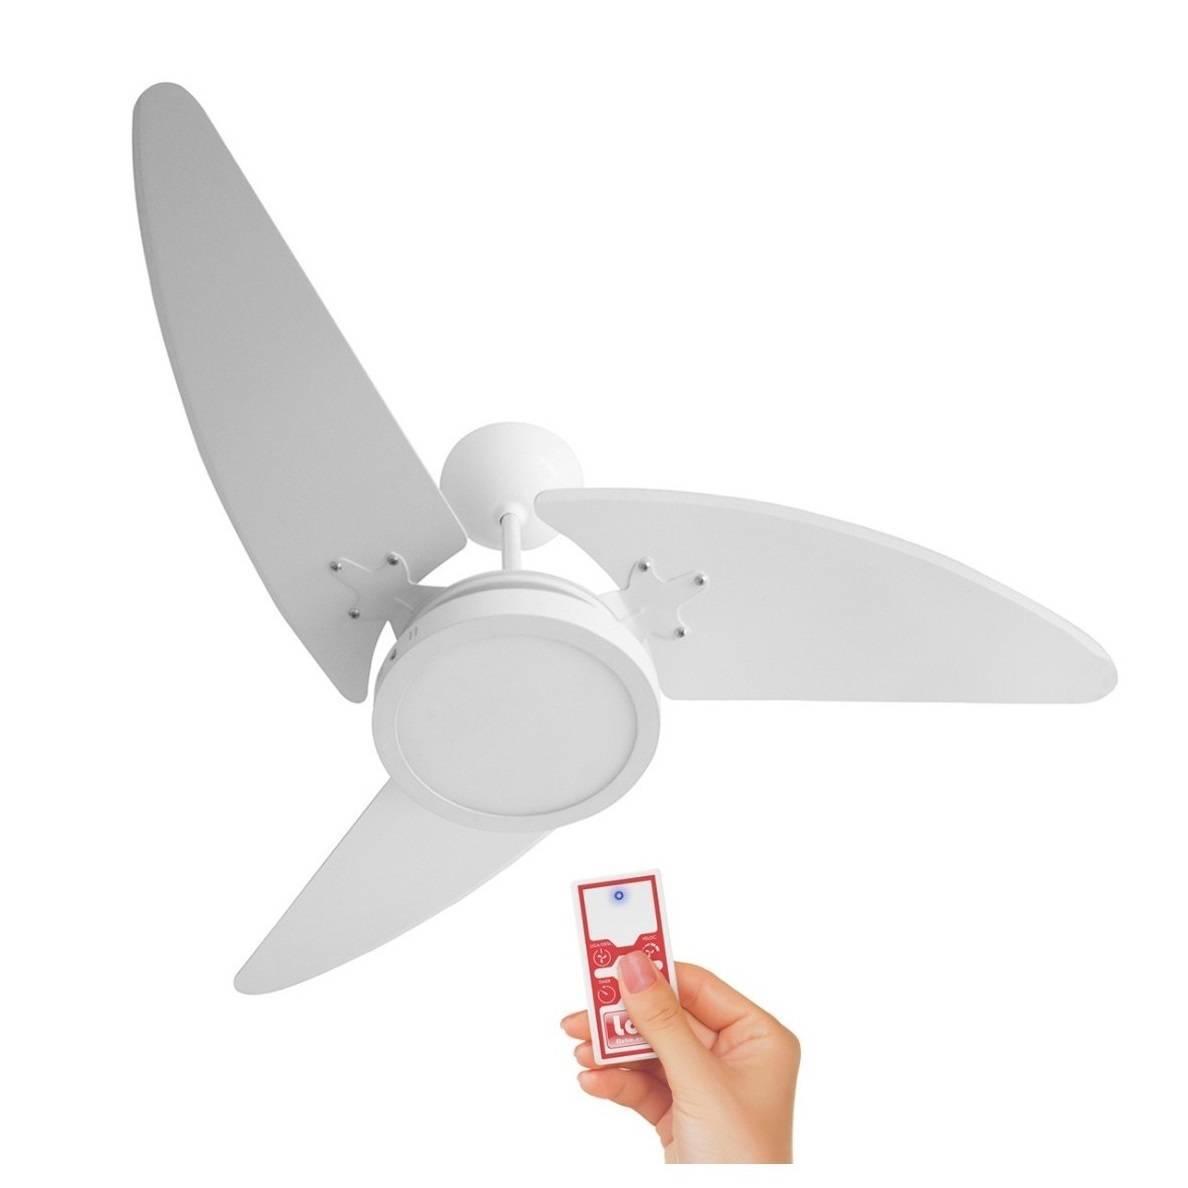 Ventilador De Teto Wind Light Led 18w Roma Ponente Controle  - LCGELETRO